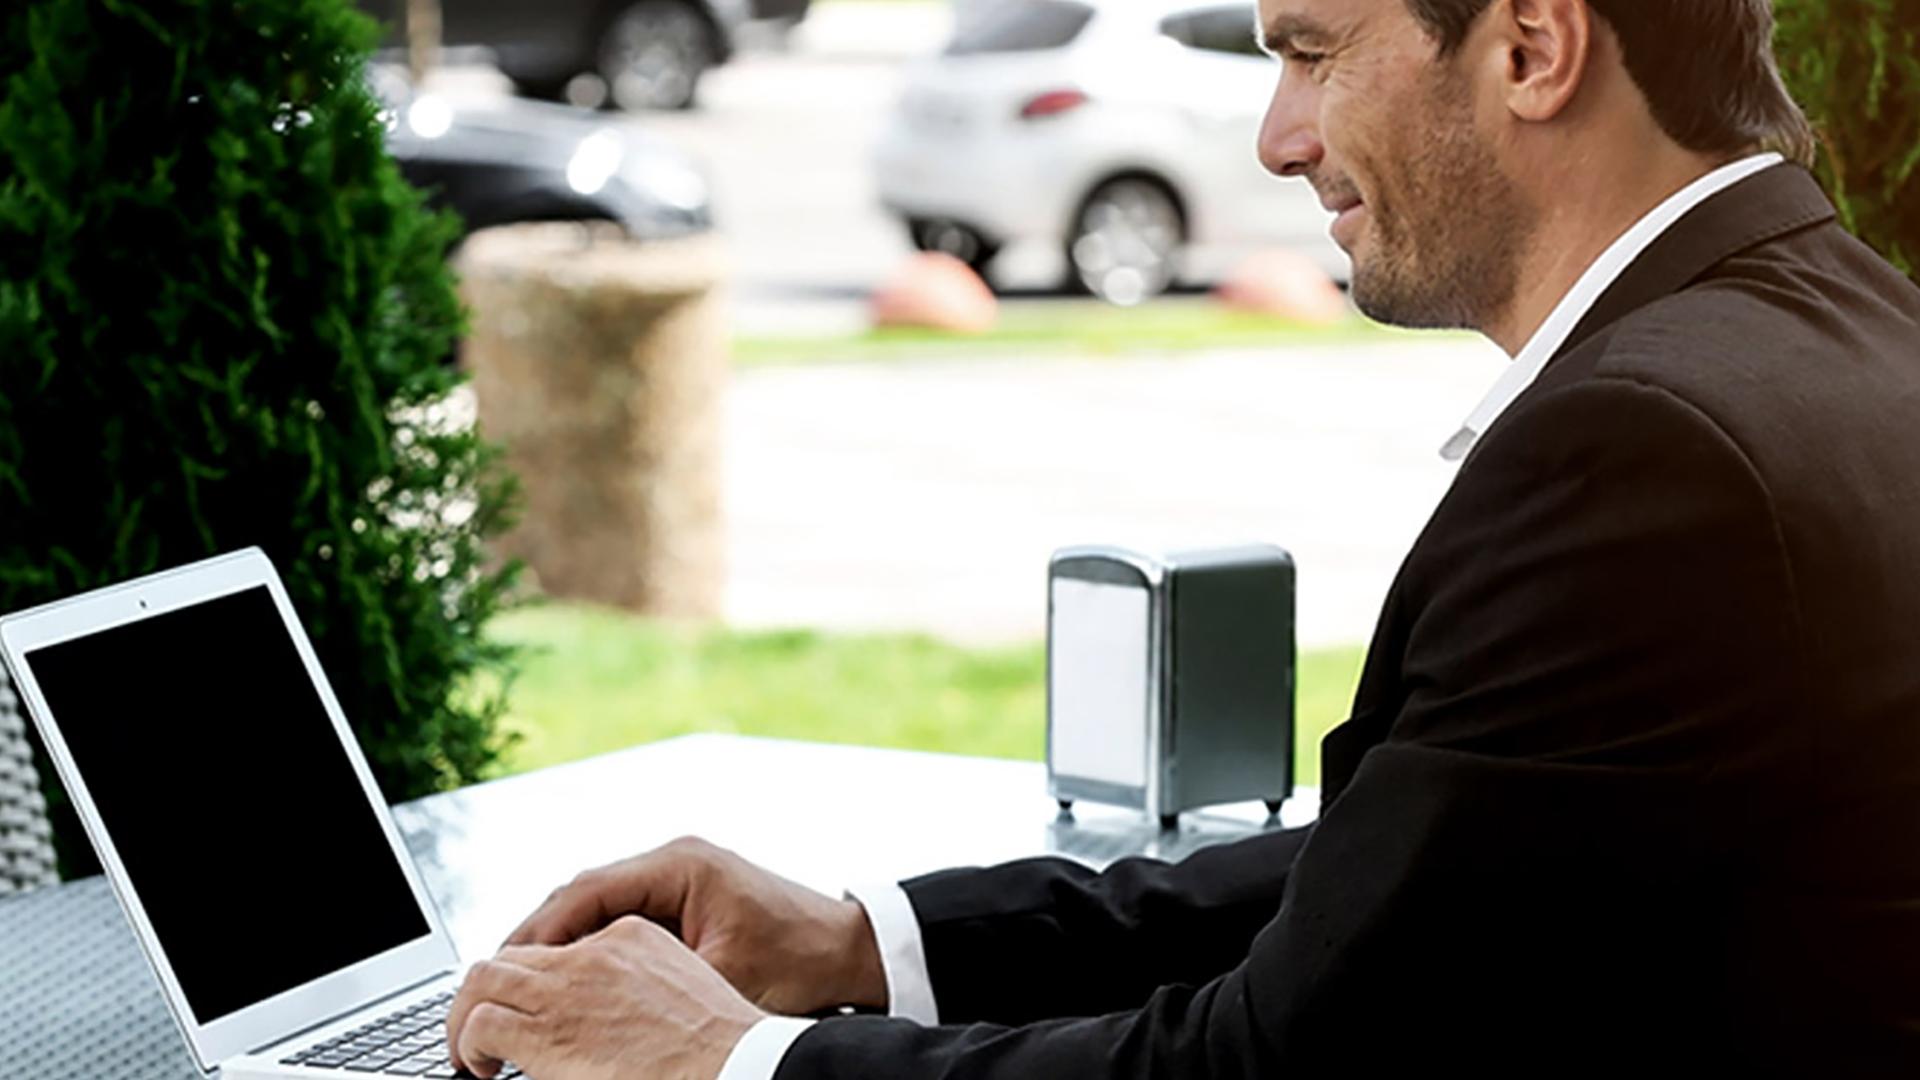 Citrix Workspace per lavorare ovunque, comodamente e da qualsiasi dispositivo tramite un'unica piattaforma, sicura e intelligente